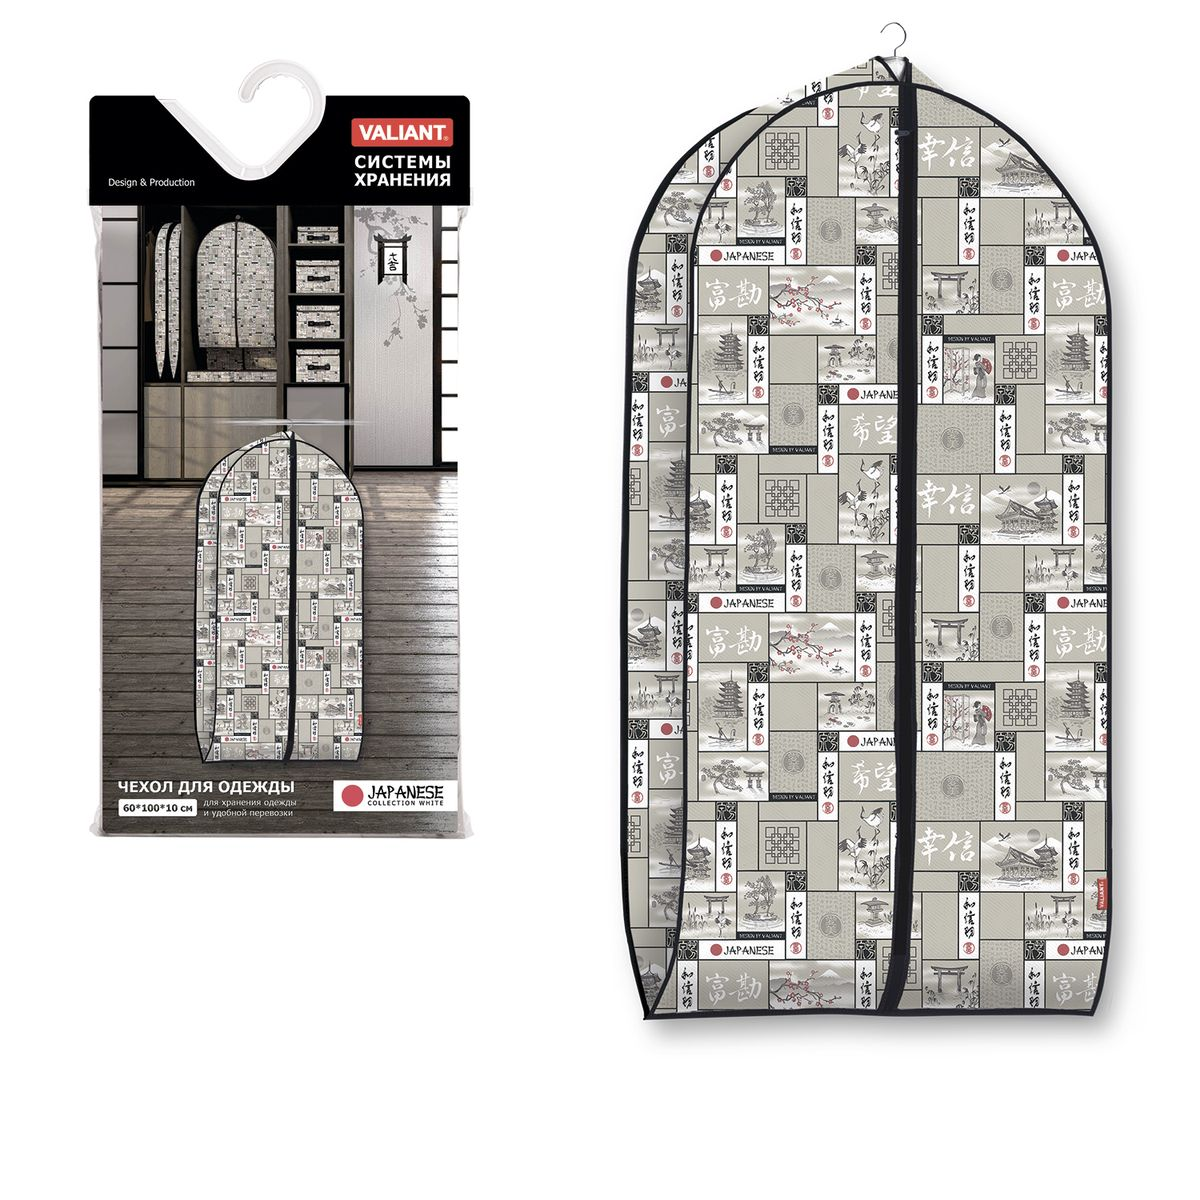 Чехол для одежды Valiant Japanese Black, объемный, 60 х 100 х 10 см1092019Чехол для одежды Valiant Japanese Black изготовлен из высококачественного нетканого материала (спанбонда), который обеспечивает естественную вентиляцию, позволяя воздуху проникать внутрь, но не пропускает пыль. Чехол очень удобен в использовании. Наличие боковой вставки увеличивает объем чехла, что позволяет хранить крупные объемные вещи. Чехол легко открывается и закрывается застежкой-молнией. Идеально подойдет для хранения одежды и удобной перевозки. Система хранения Japanese Black создаст трогательную атмосферу романтического настроения в женском гардеробе. Оригинальный дизайн придется по вкусу ценительницам эстетичного хранения. Системы хранения в едином дизайне сделают вашу гардеробную изысканной и невероятно стильной.